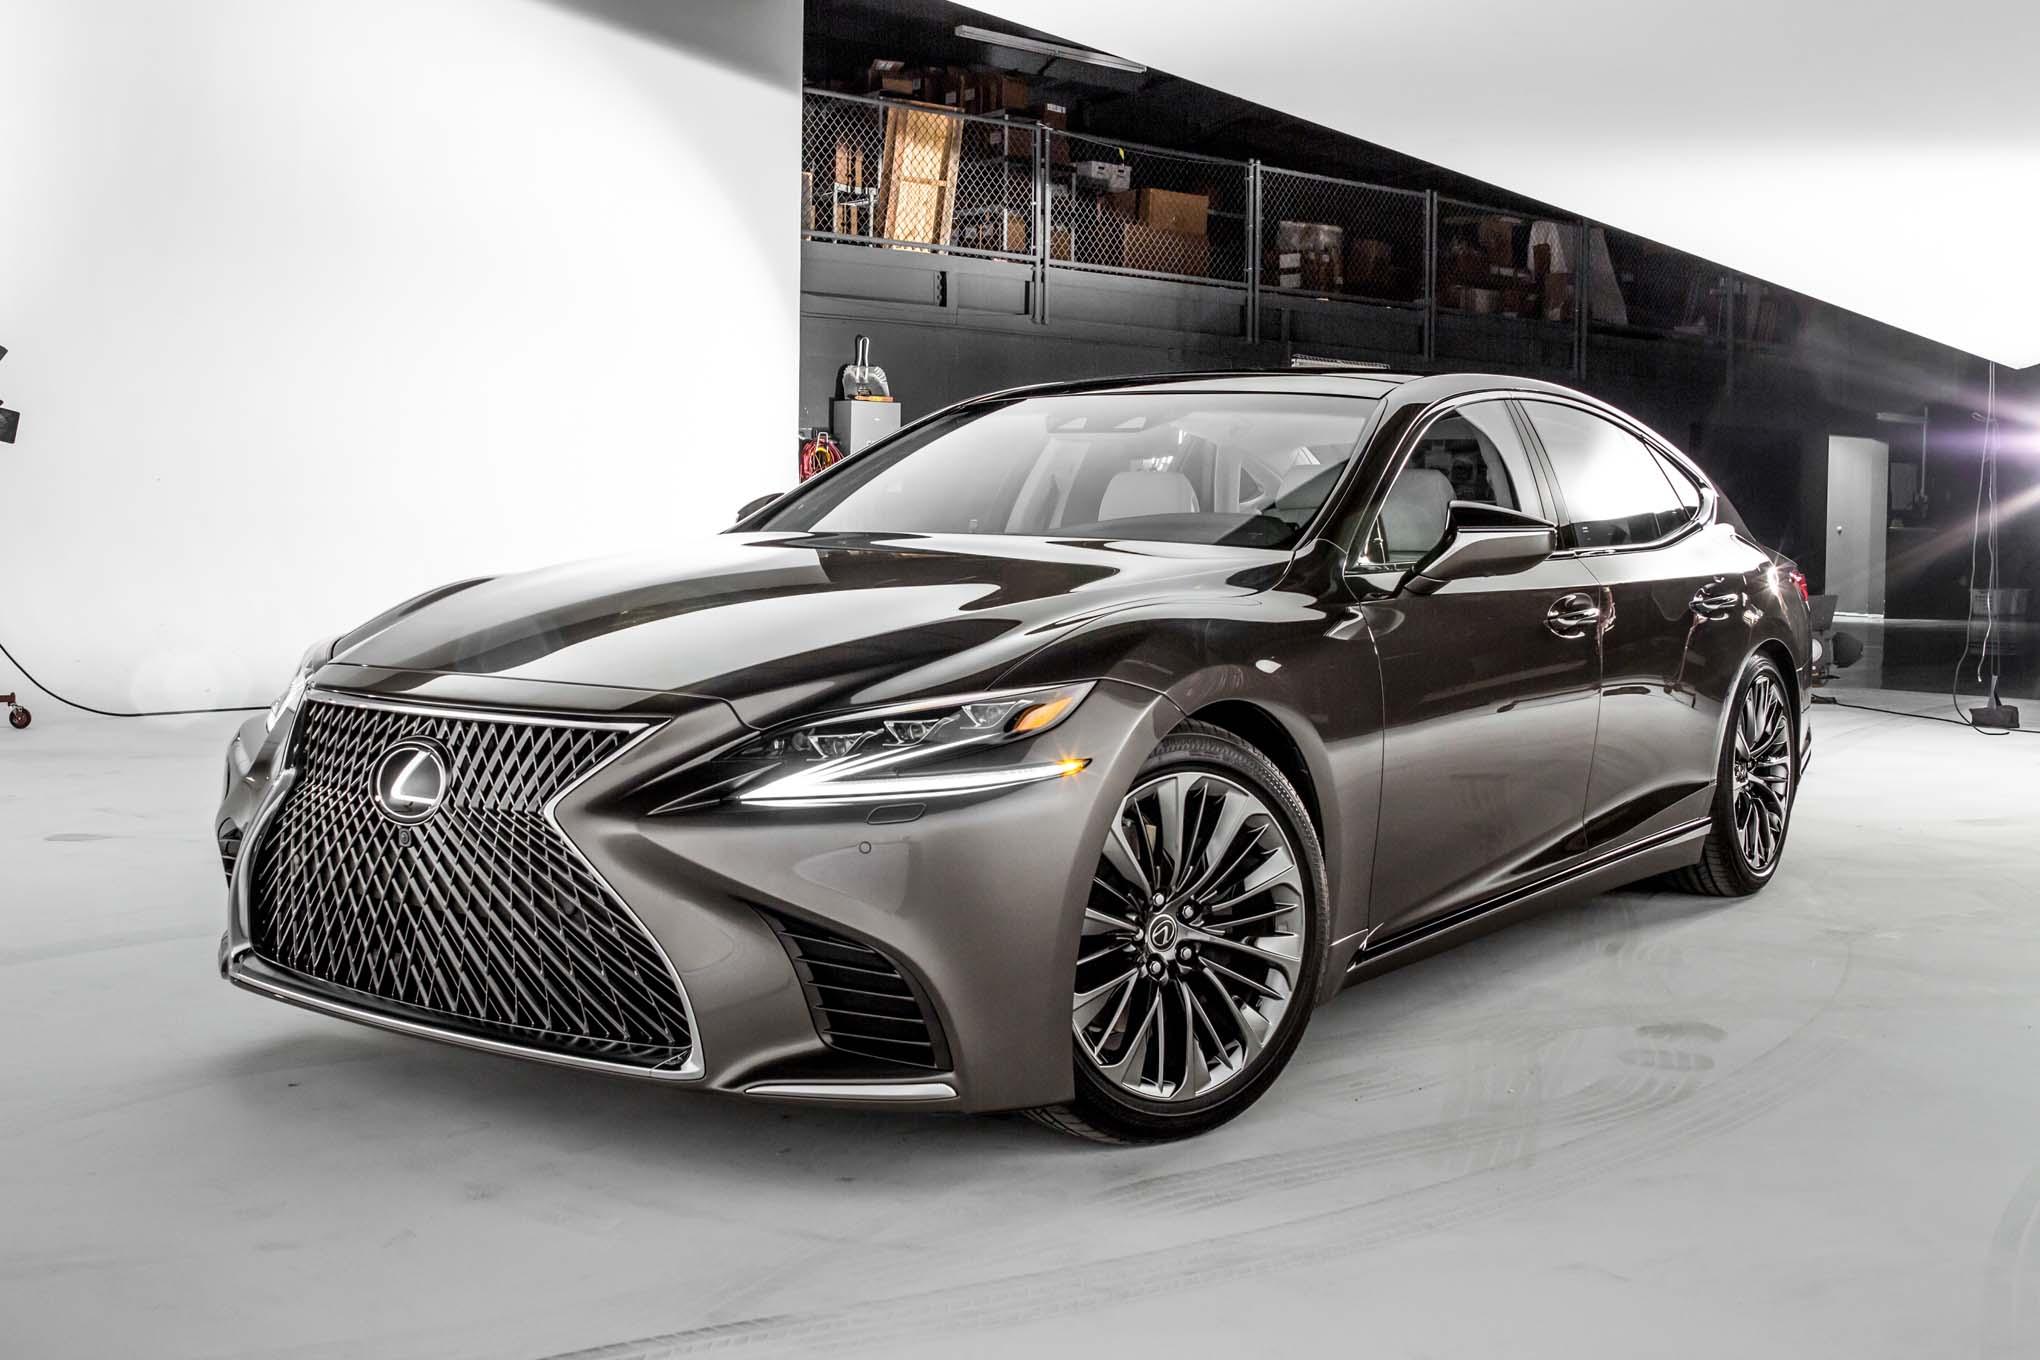 معرفی لوکس ترین سدان دنیا Lexus LS 500h 2018